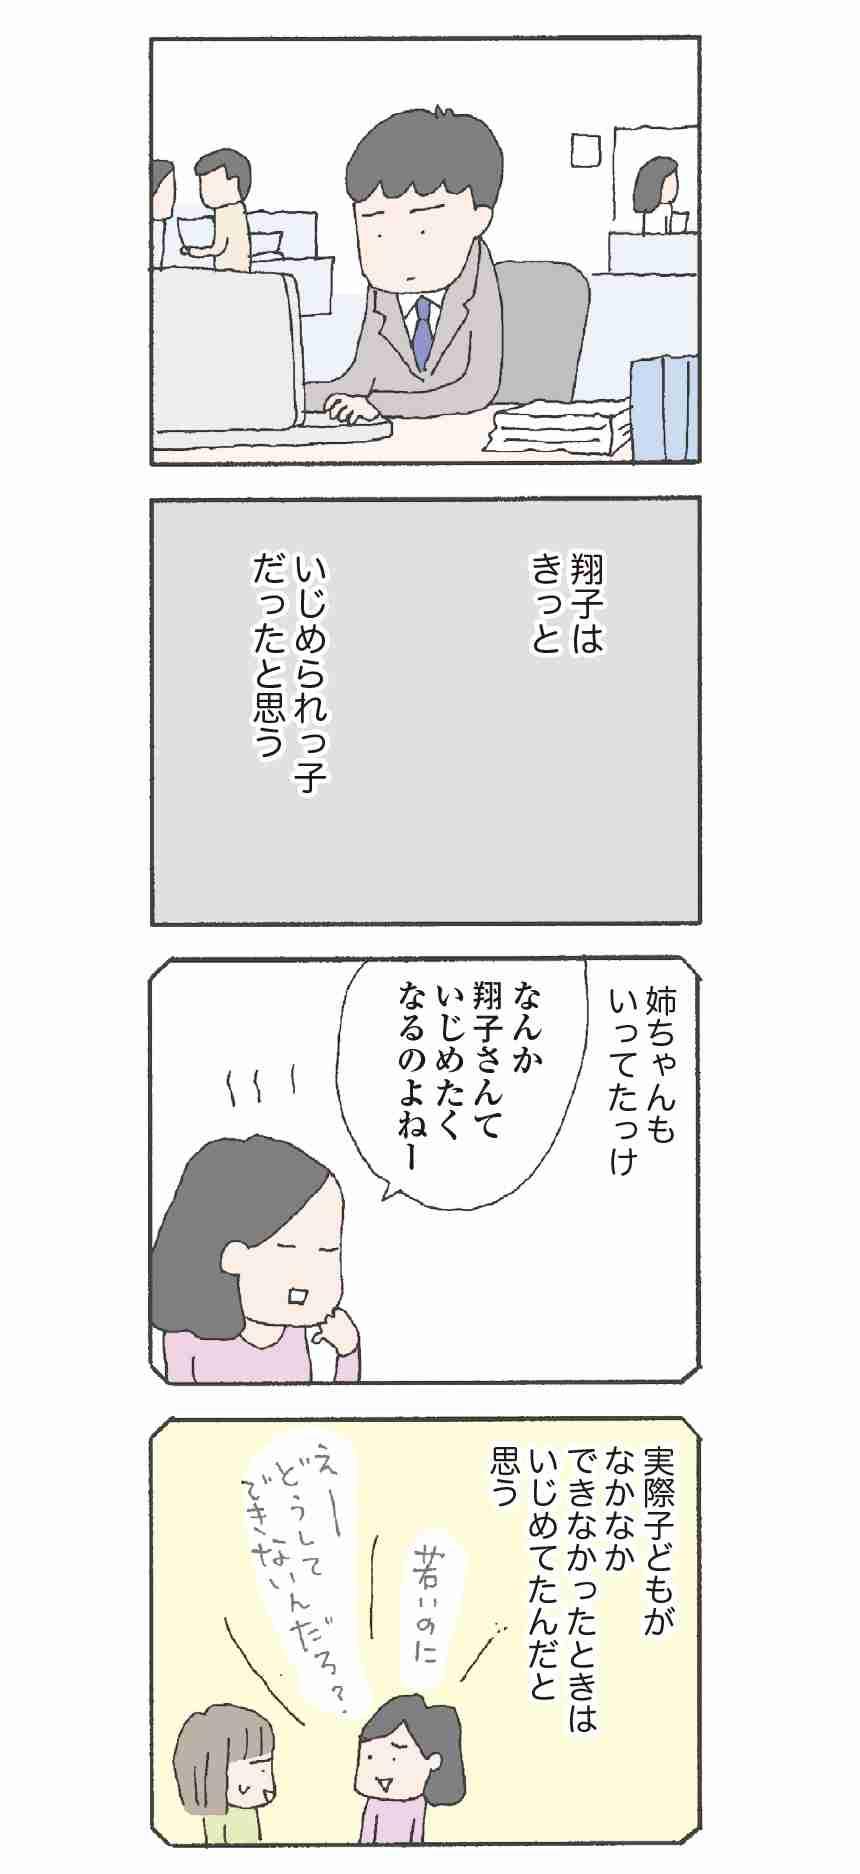 離婚してもいいですか?|野原広子|第10話 夫の気持ち2 将来|コミックエッセイ劇場